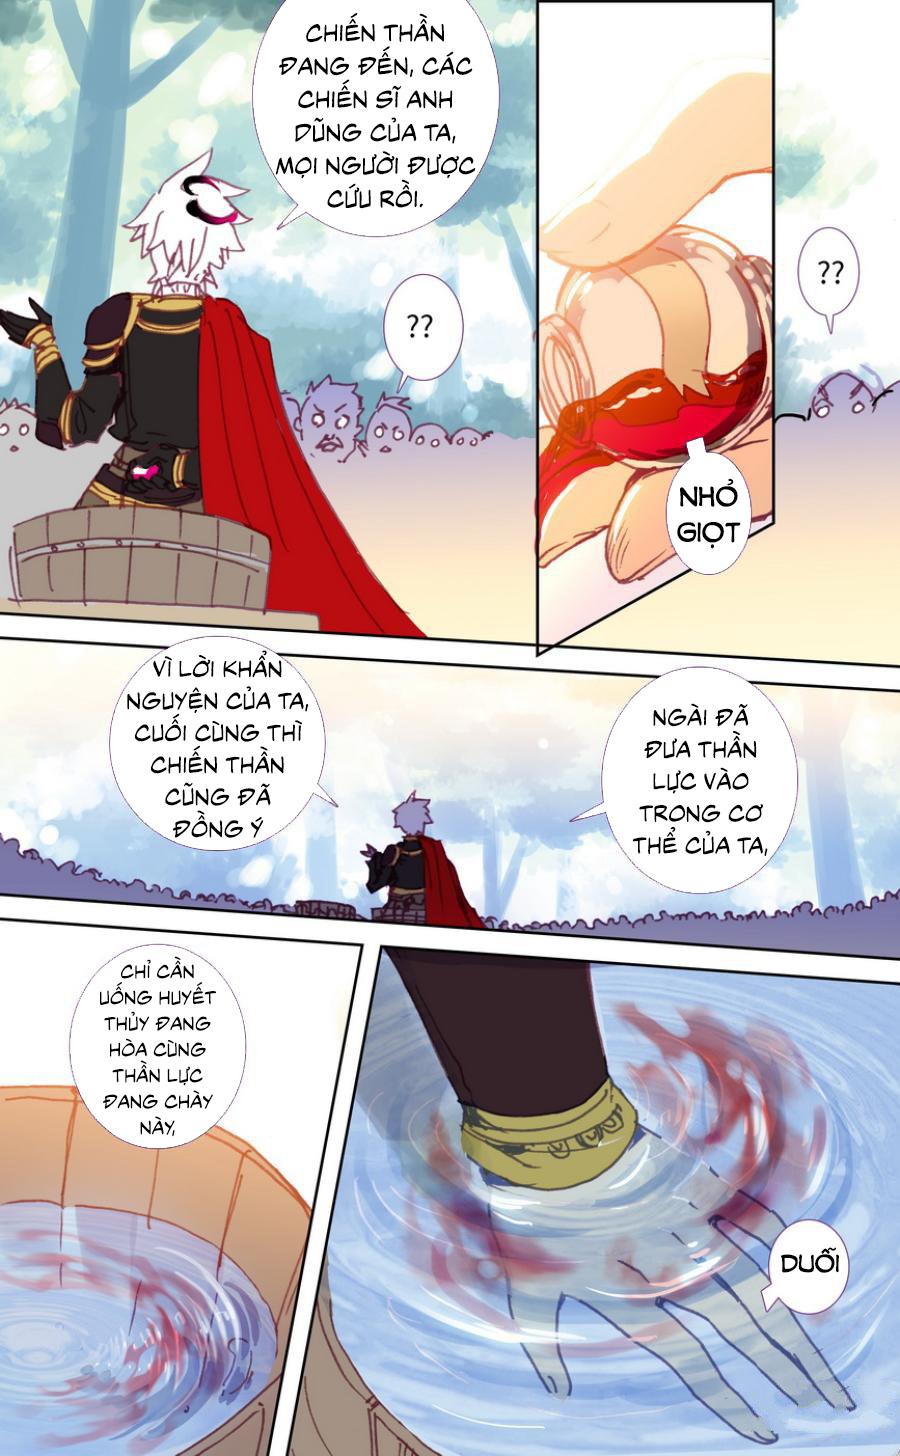 Quốc Vương Vạn Tuế Chapter 30 - Hamtruyen.vn